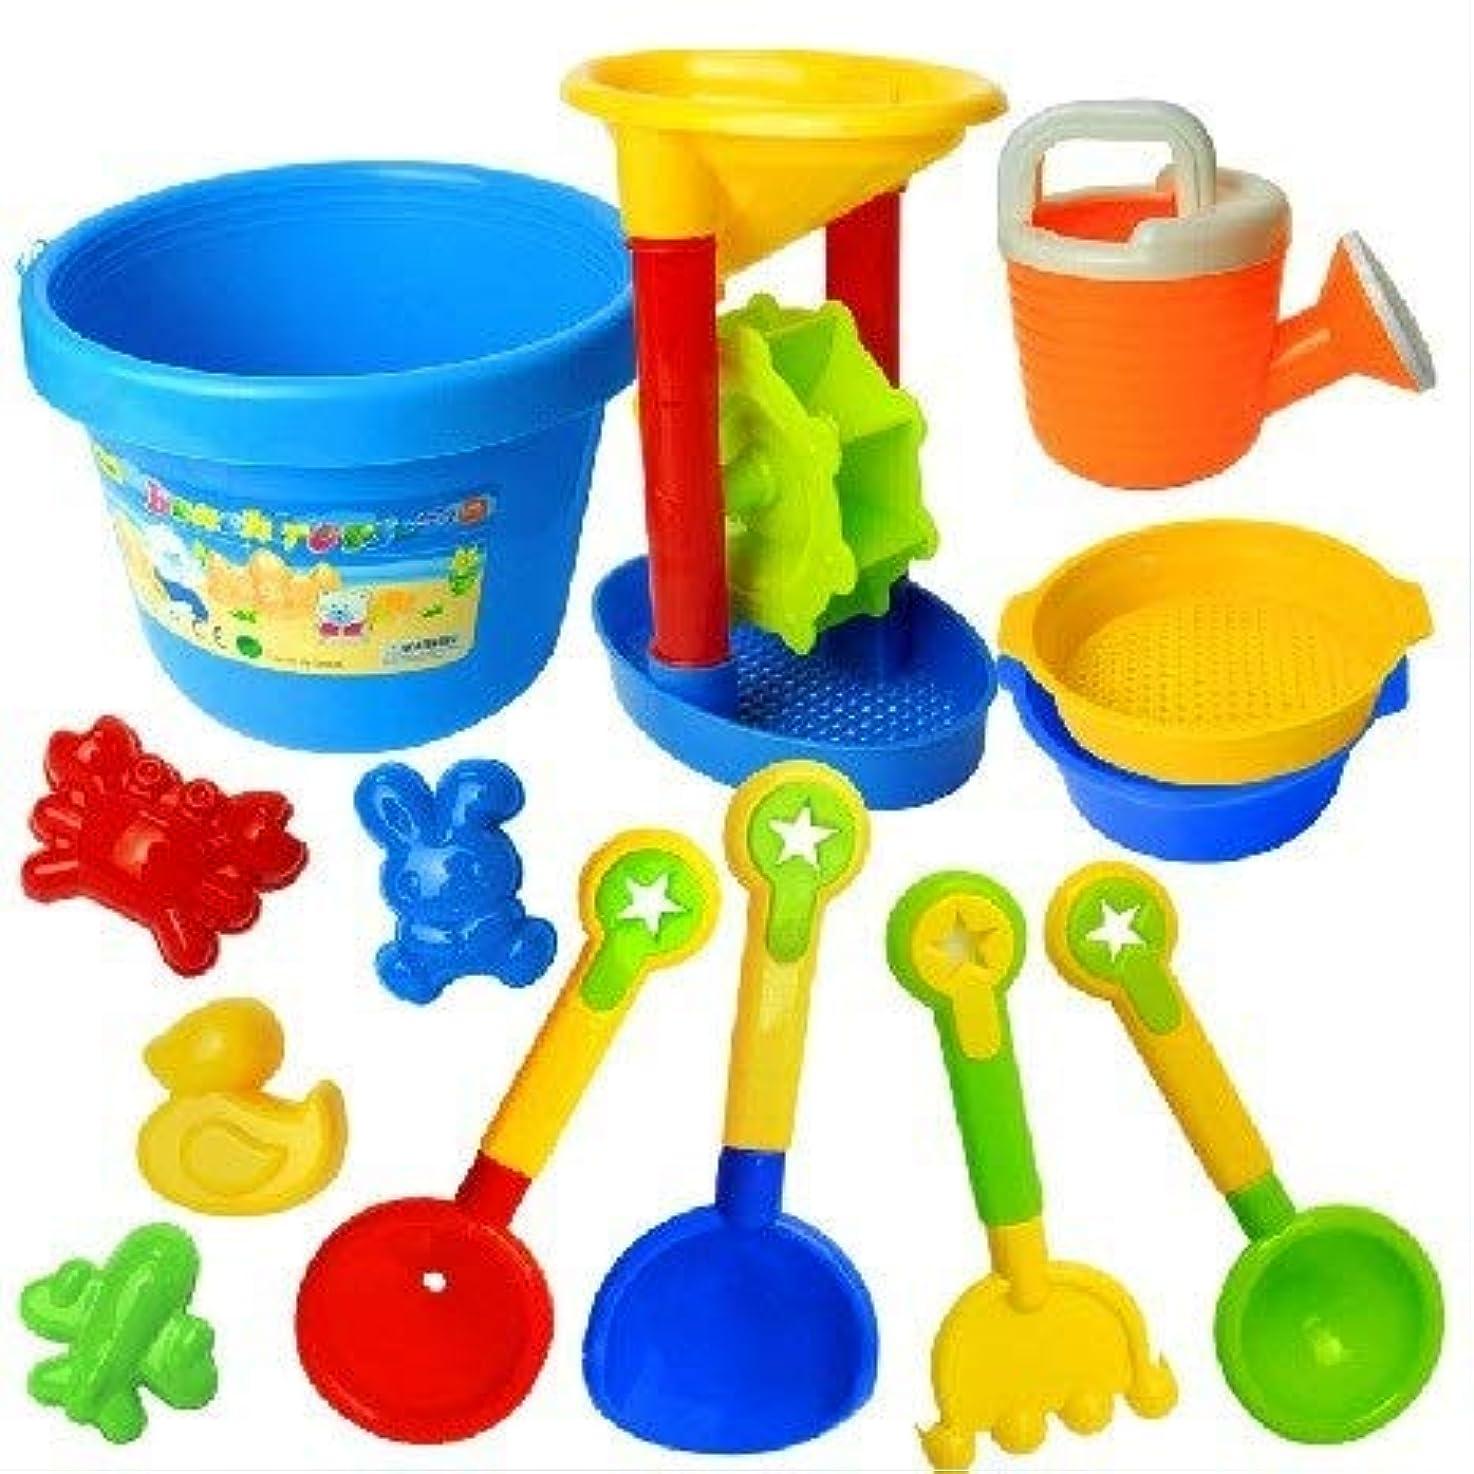 円形分析服を着るCetengkeji 子供の夏の砂のおもちゃ、ビーチのおもちゃセット、知育玩具、親 - 子供のおもちゃ、砂描画道具、公園と海に美しい思い出を残す